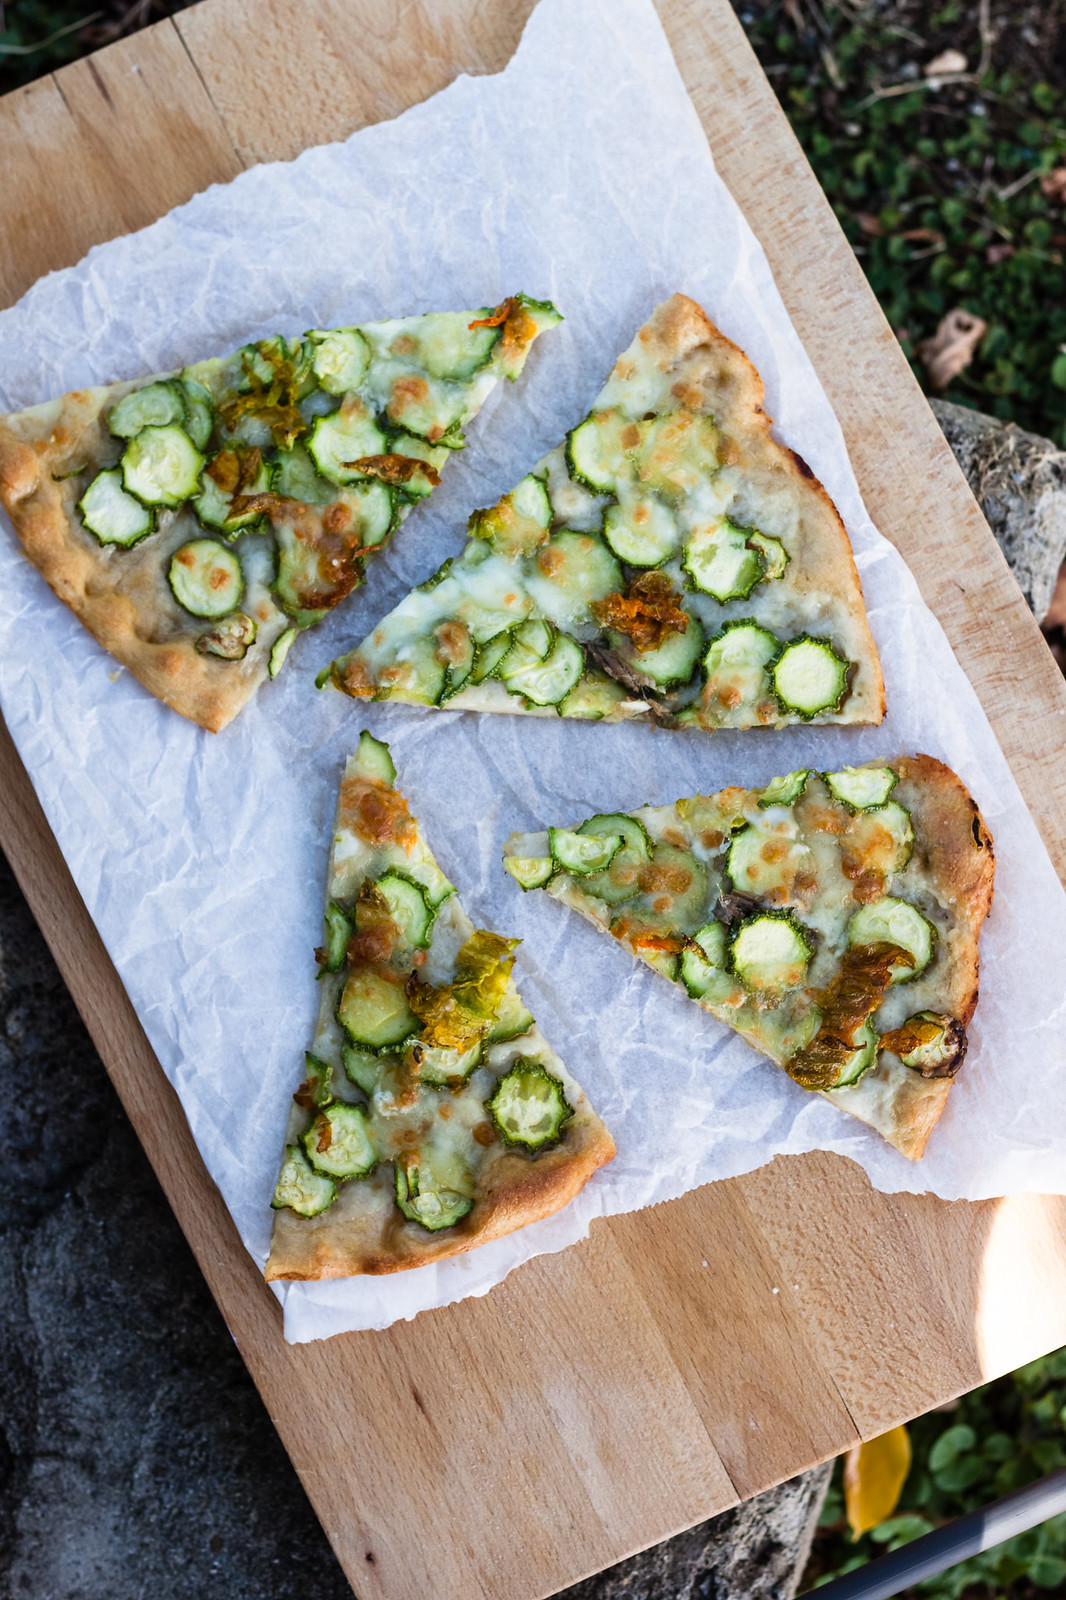 Populaire Pizza bianca con zucchine e mozzarella - Juls' Kitchen FC56